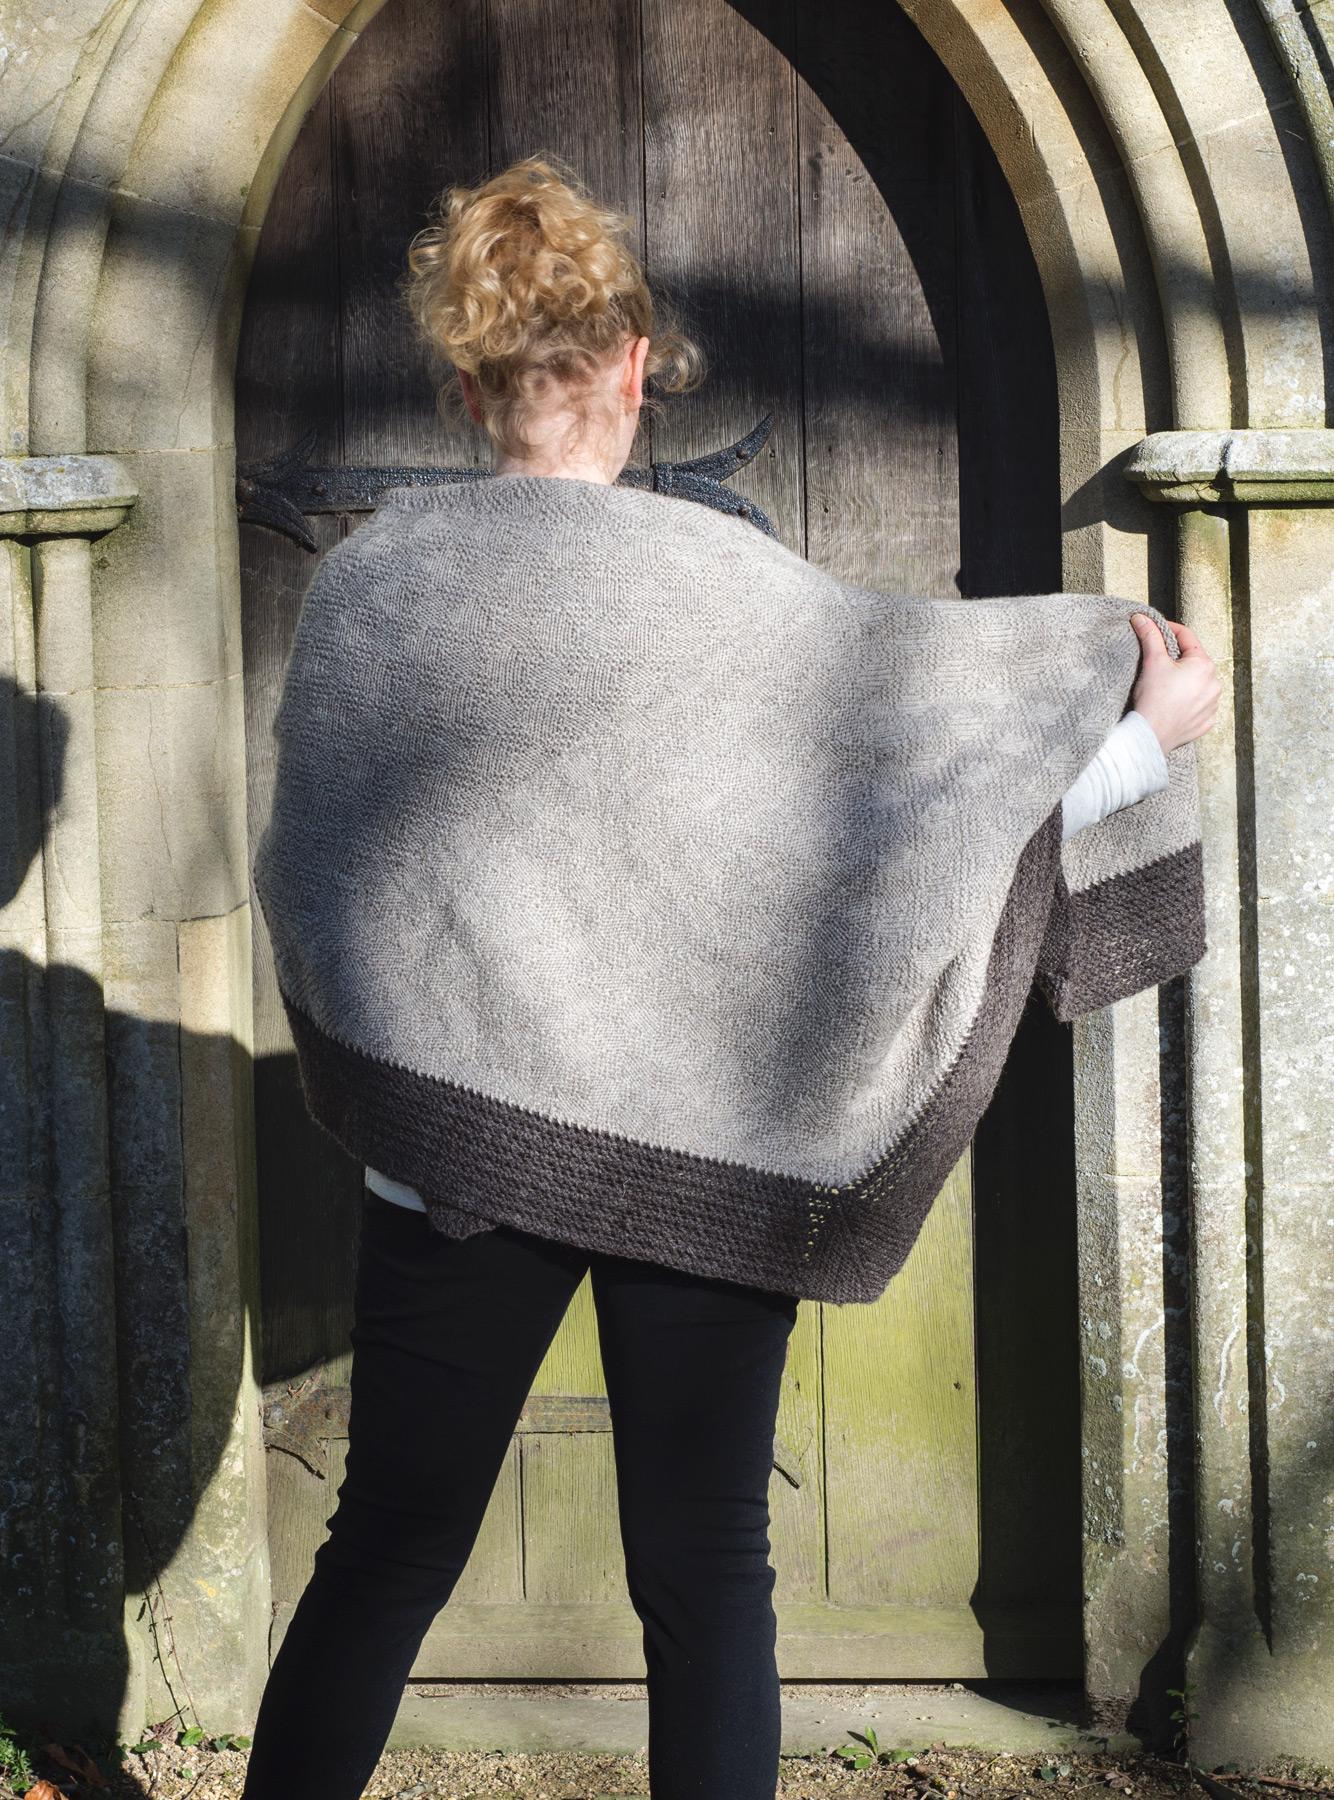 Woman standing old doorway